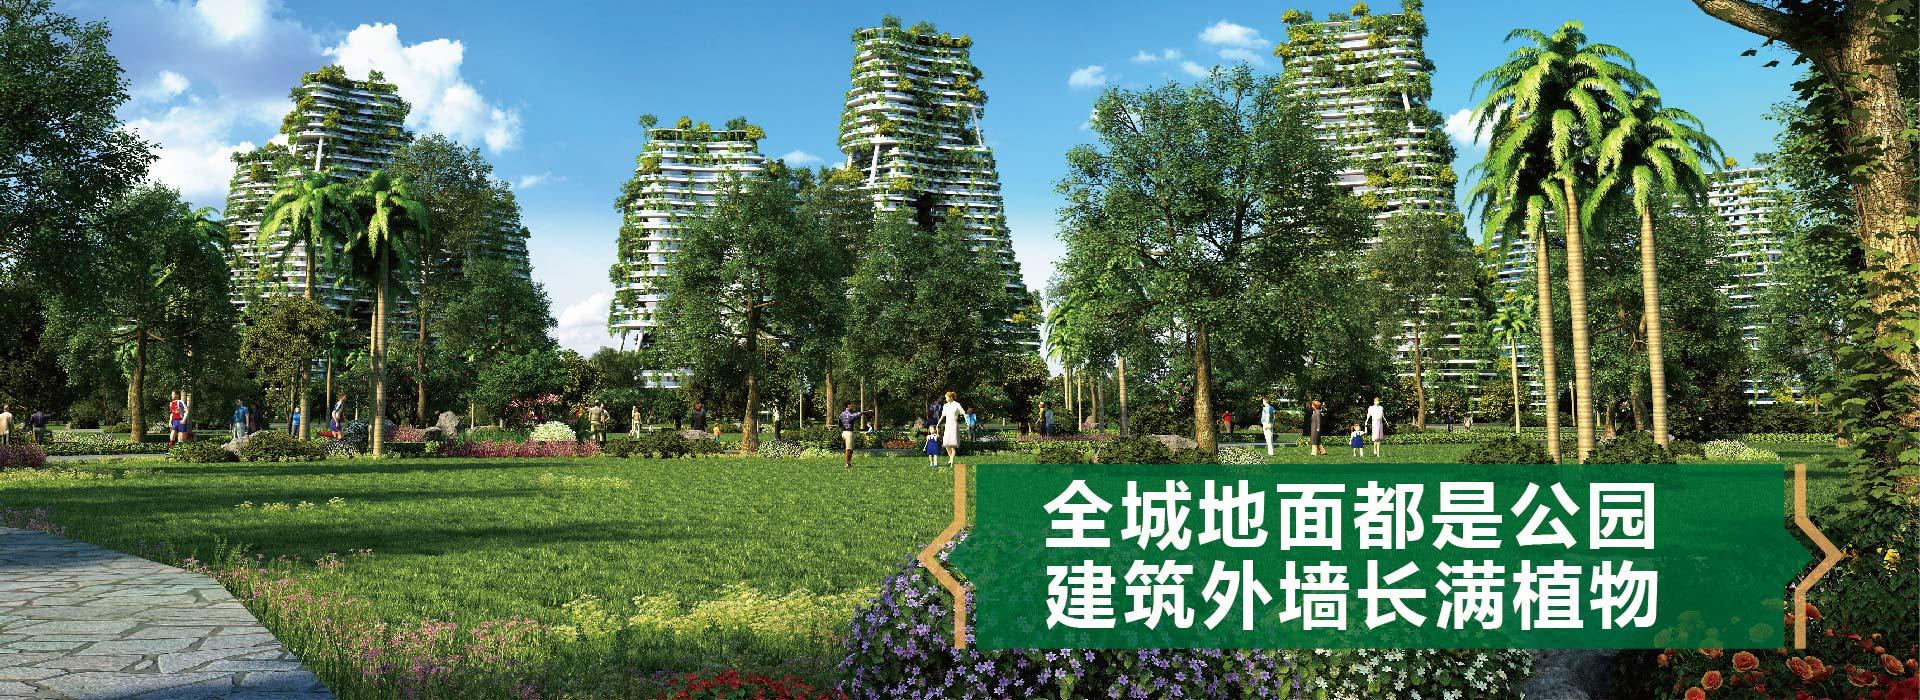 全城地面都是公园,建筑外墙长满植物